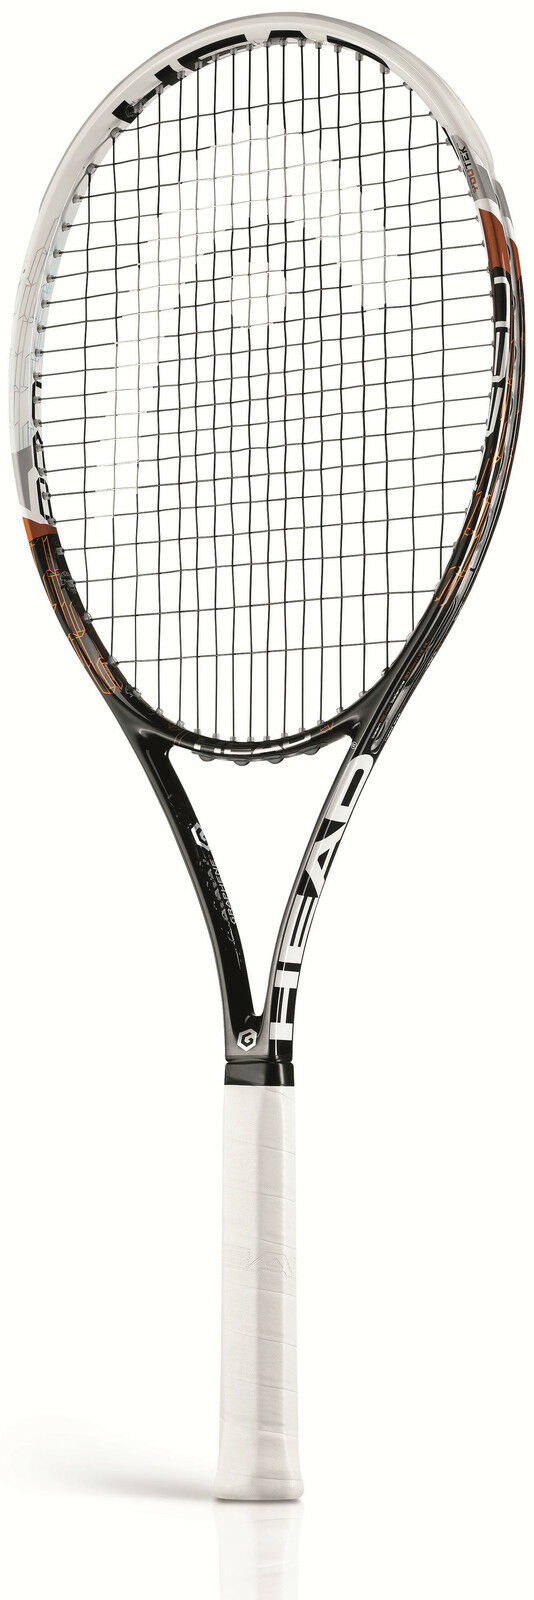 HEAD GRAPHENE SPEED PRO 18X20 4 1 4  racquet - Auth Dealer - Reg